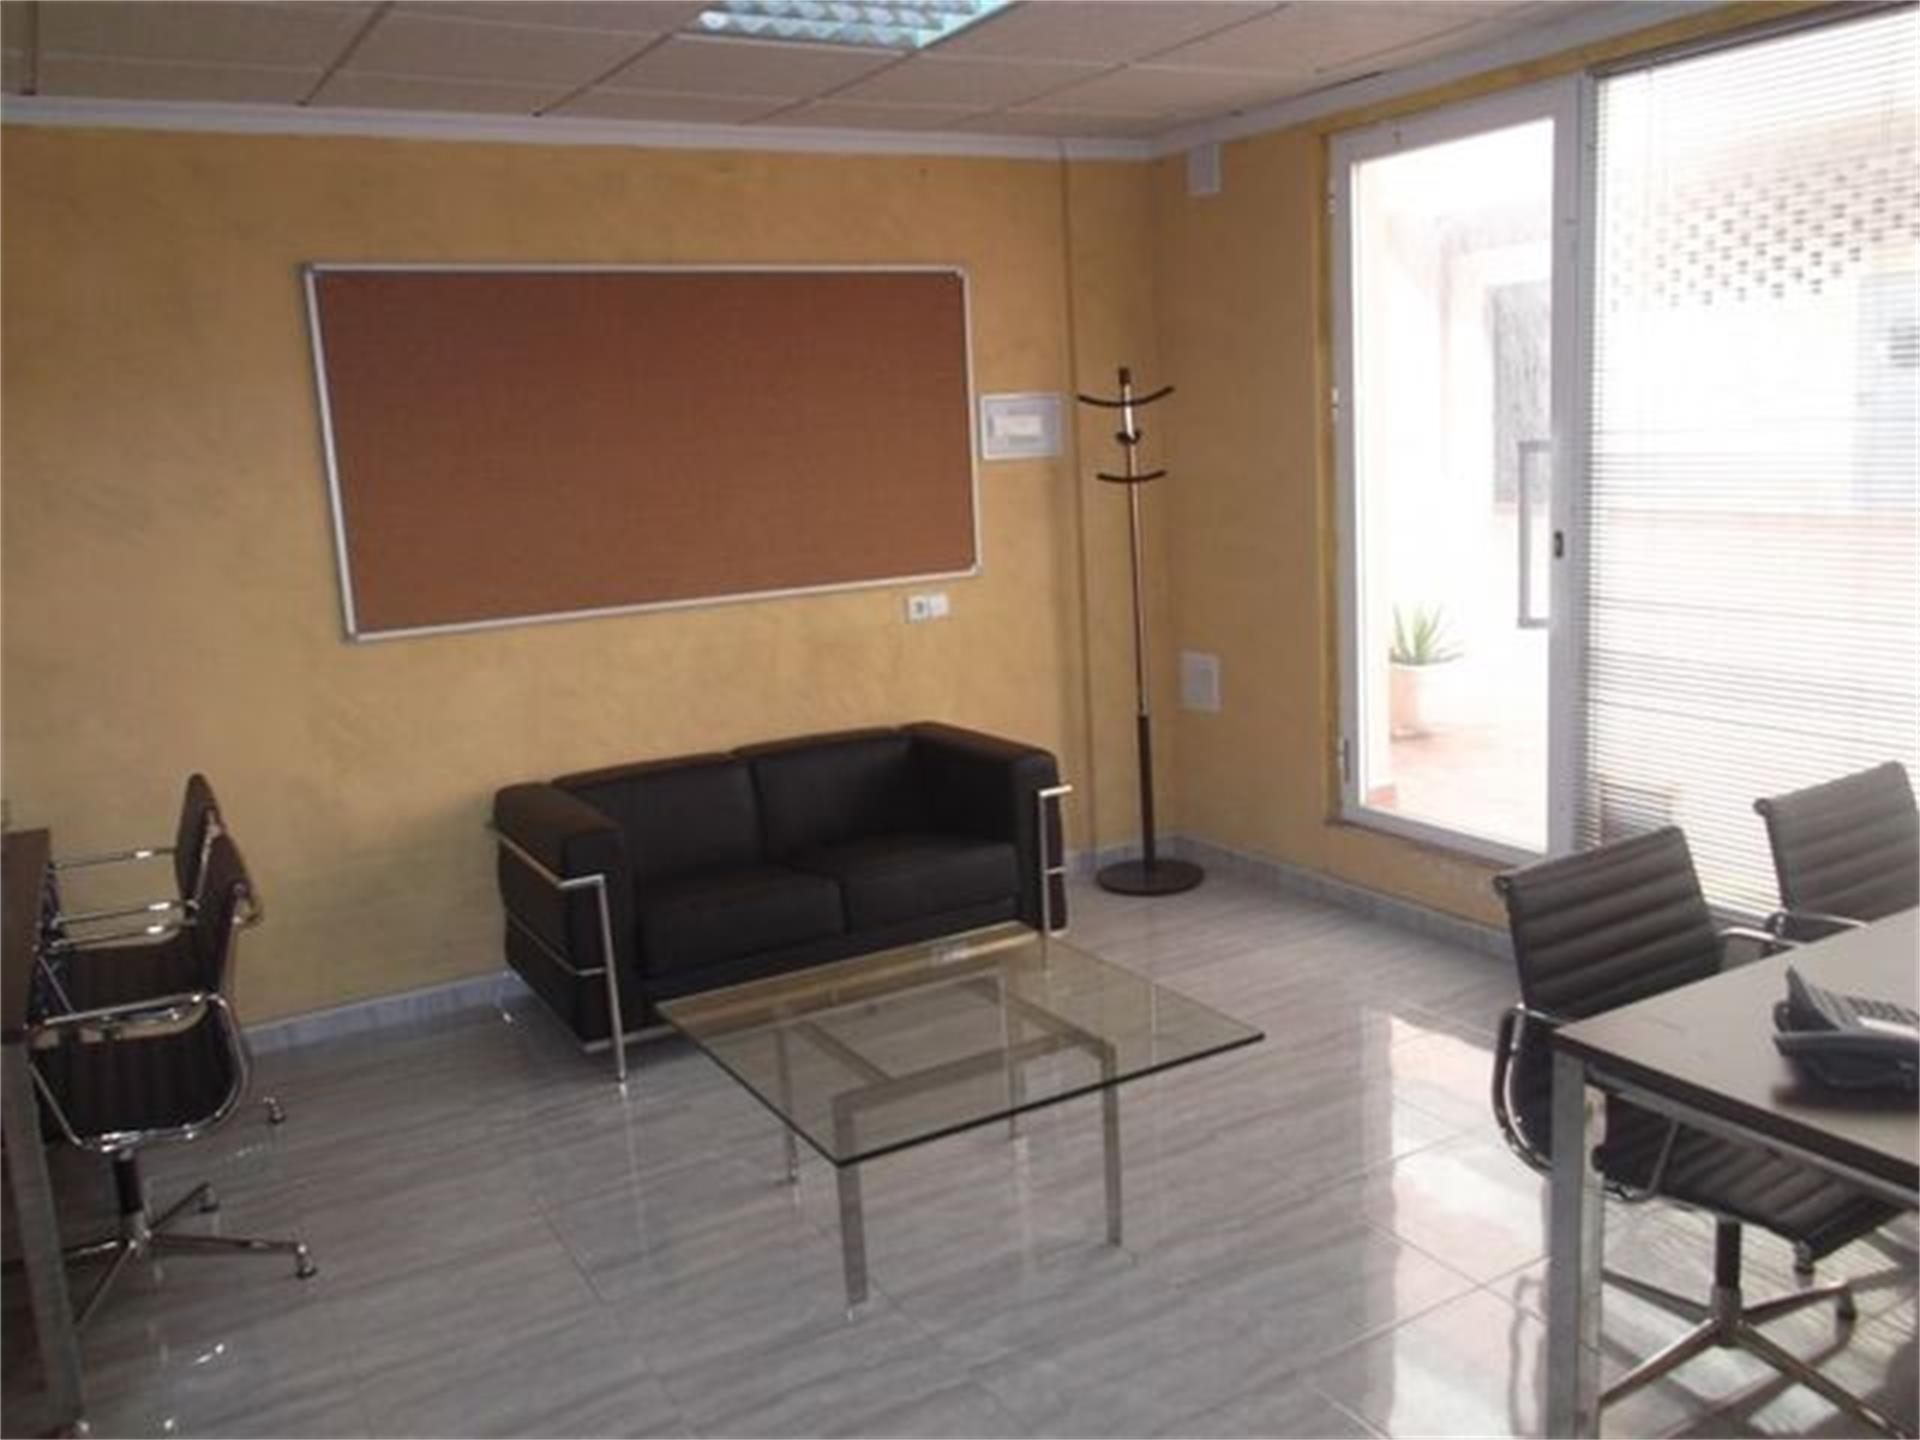 Local de alquiler en Plaza Conjunto Maria Teresa San Luis de Sabinillas (San Luis de Sabinillas, Málaga)